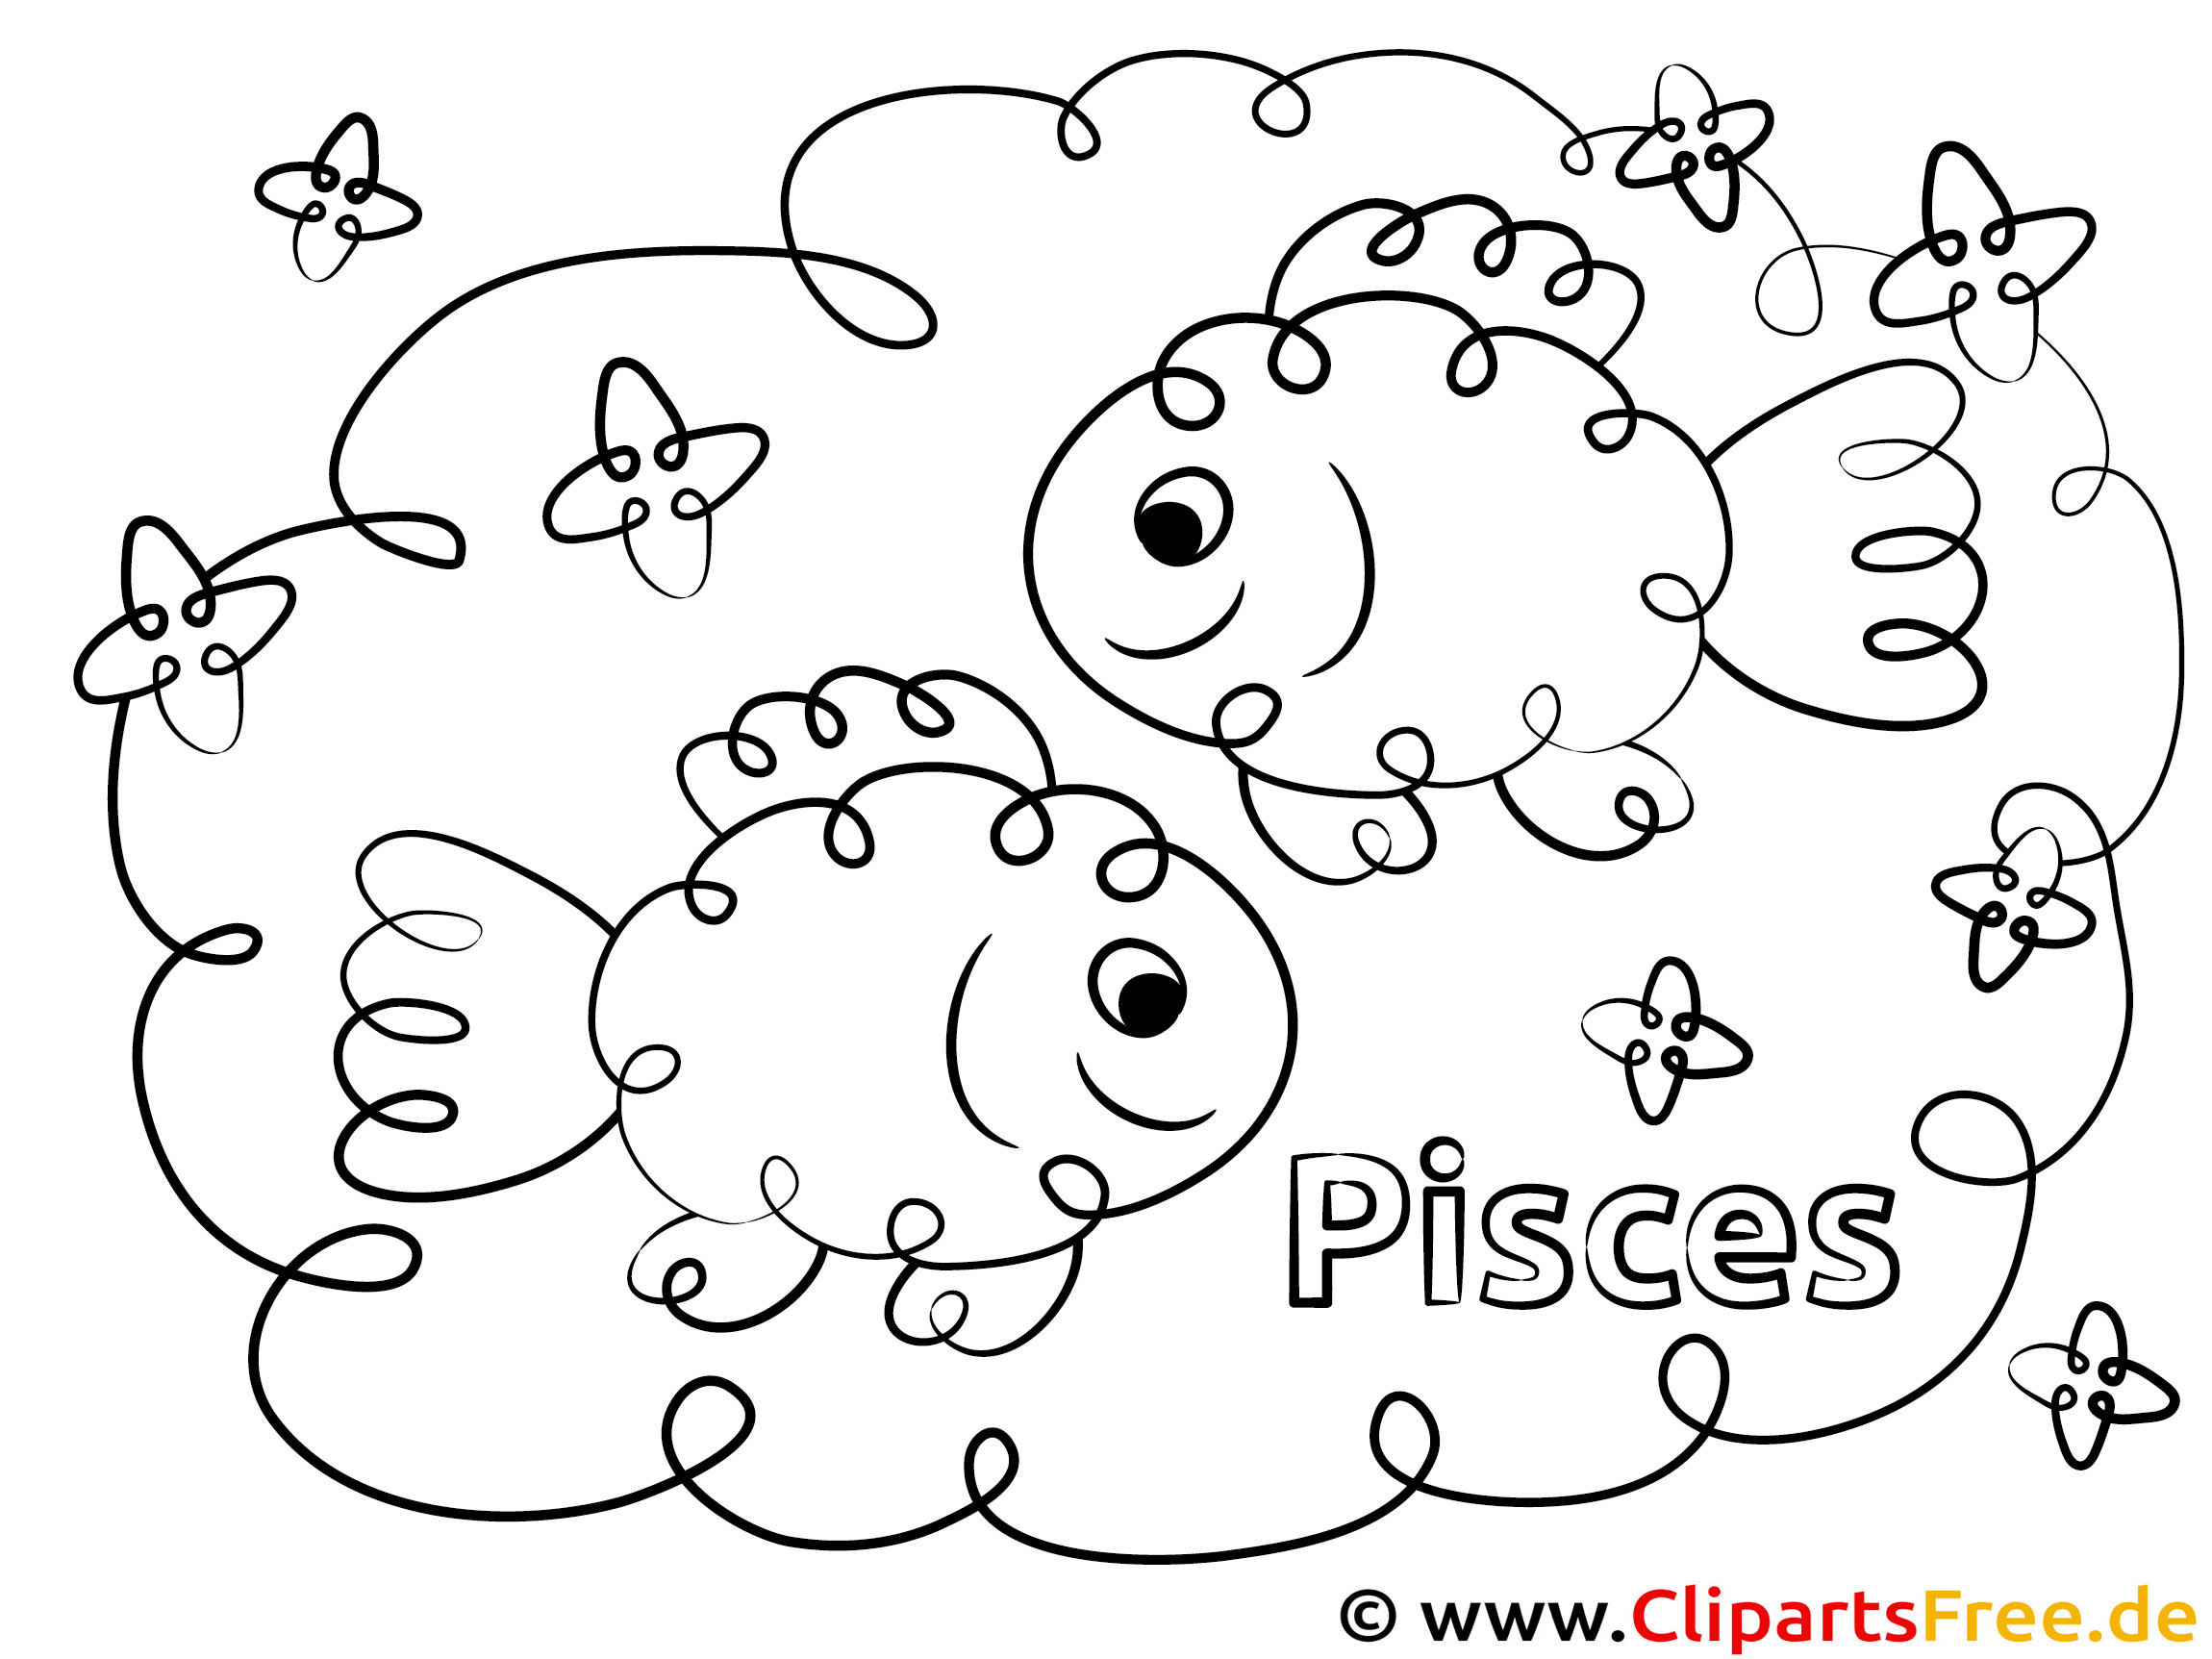 Fische Sternzeichen Ausmalbild für Kinder kostenlos ausdrucken